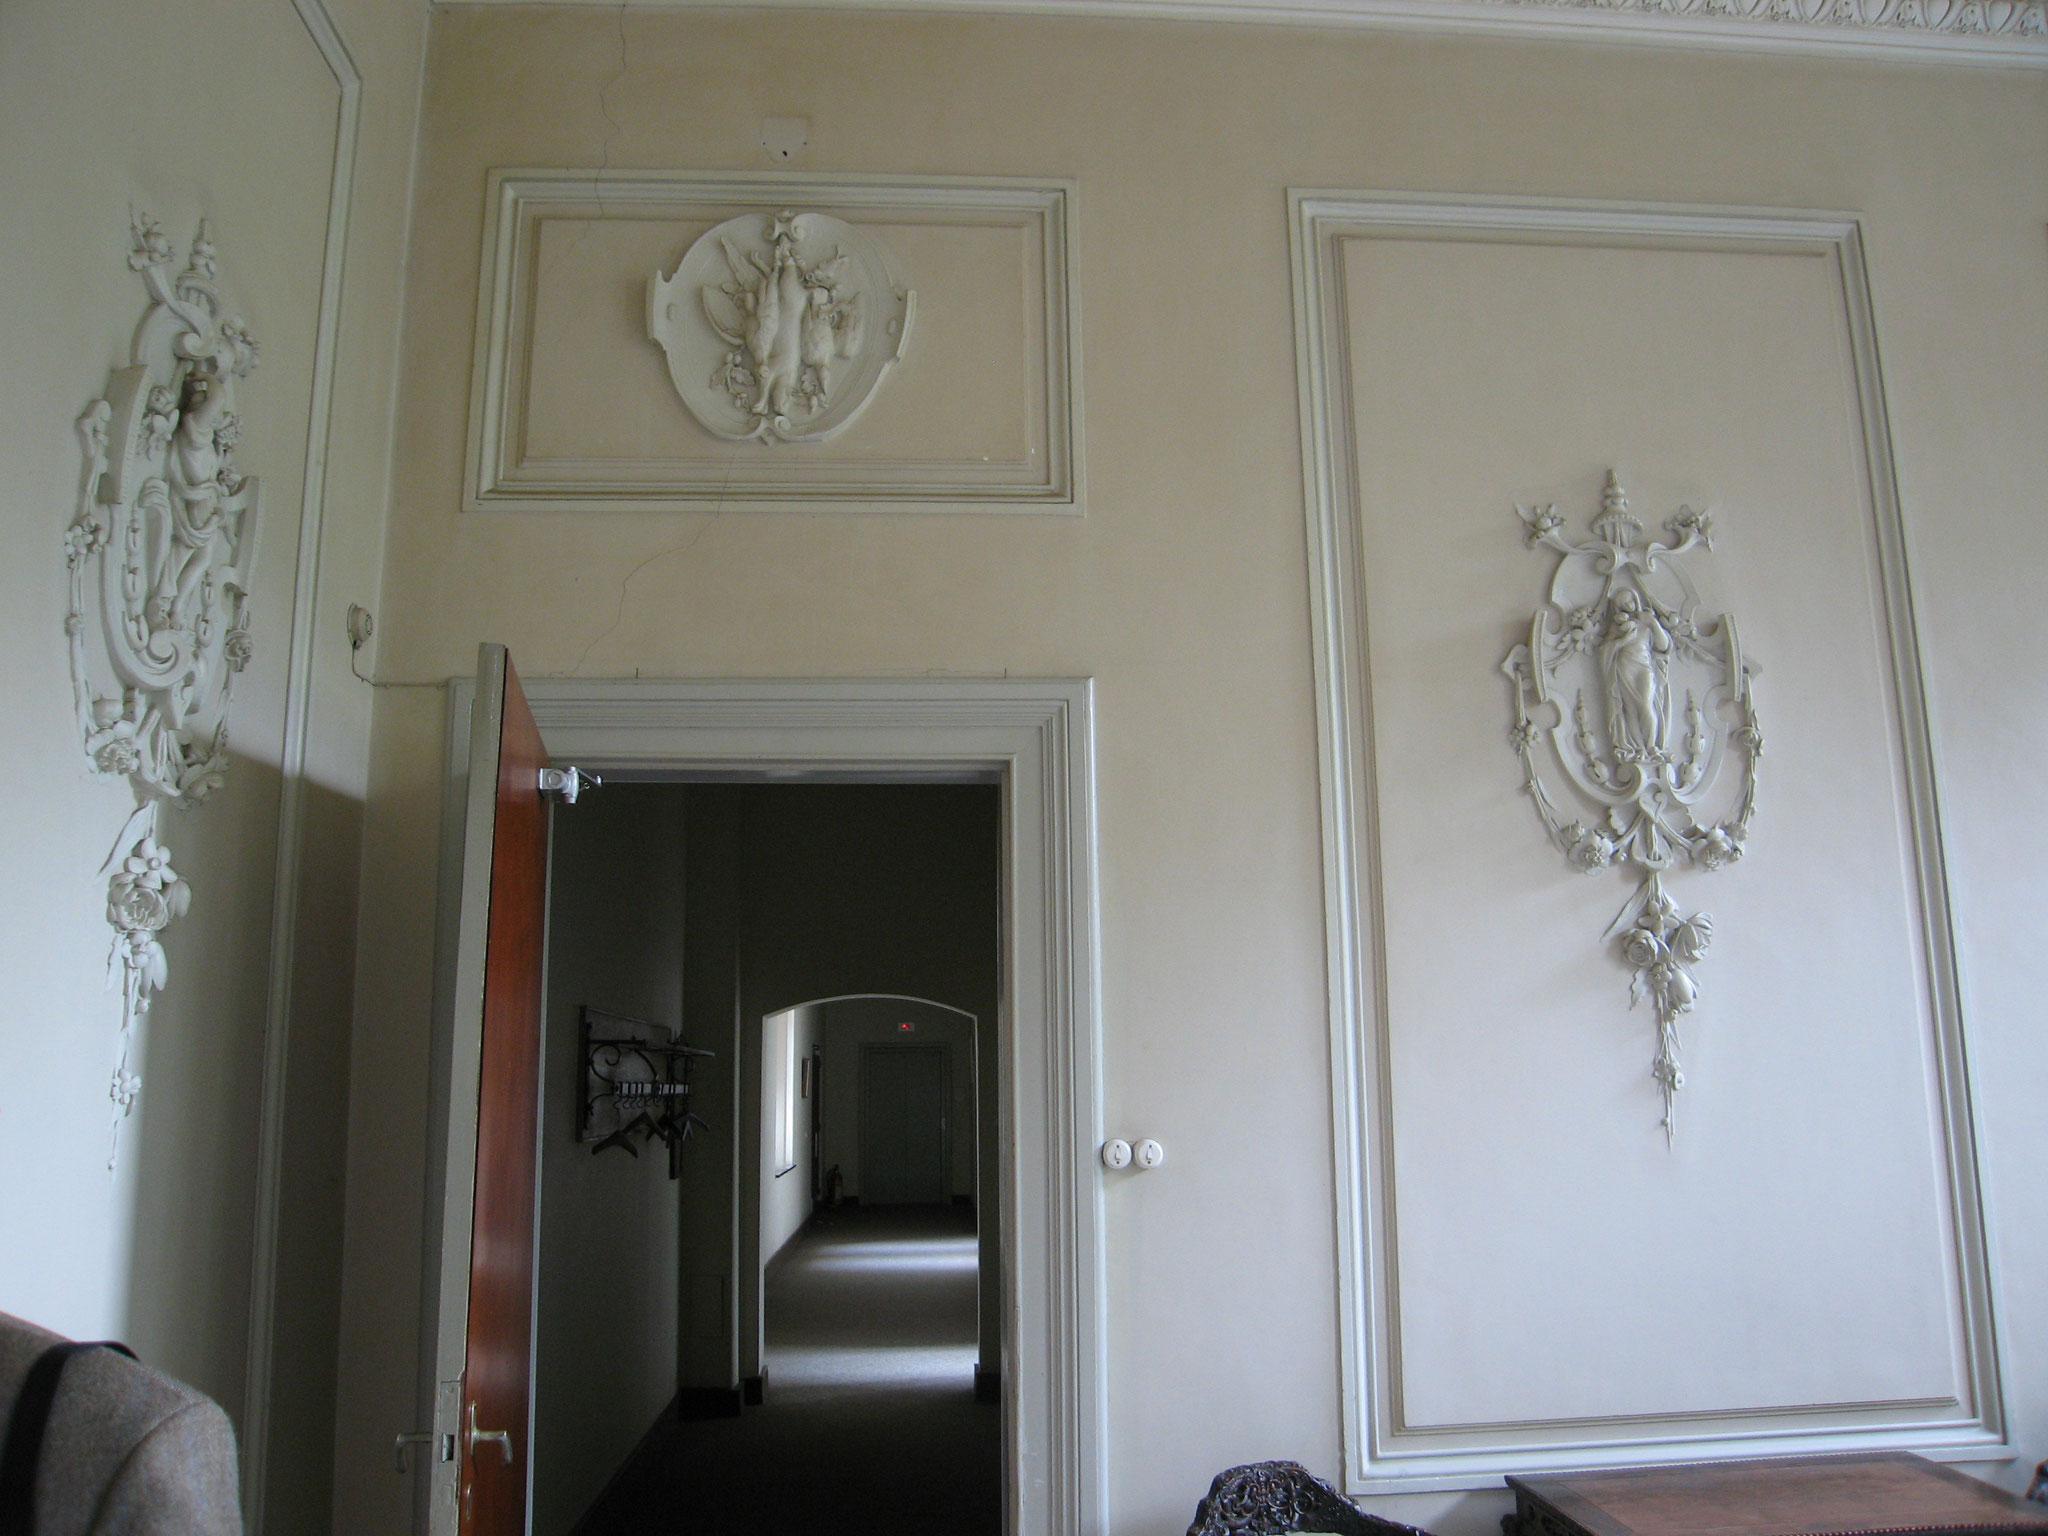 Wandornamentiek in de salon, in verfijnde neoclasscistische stijl.